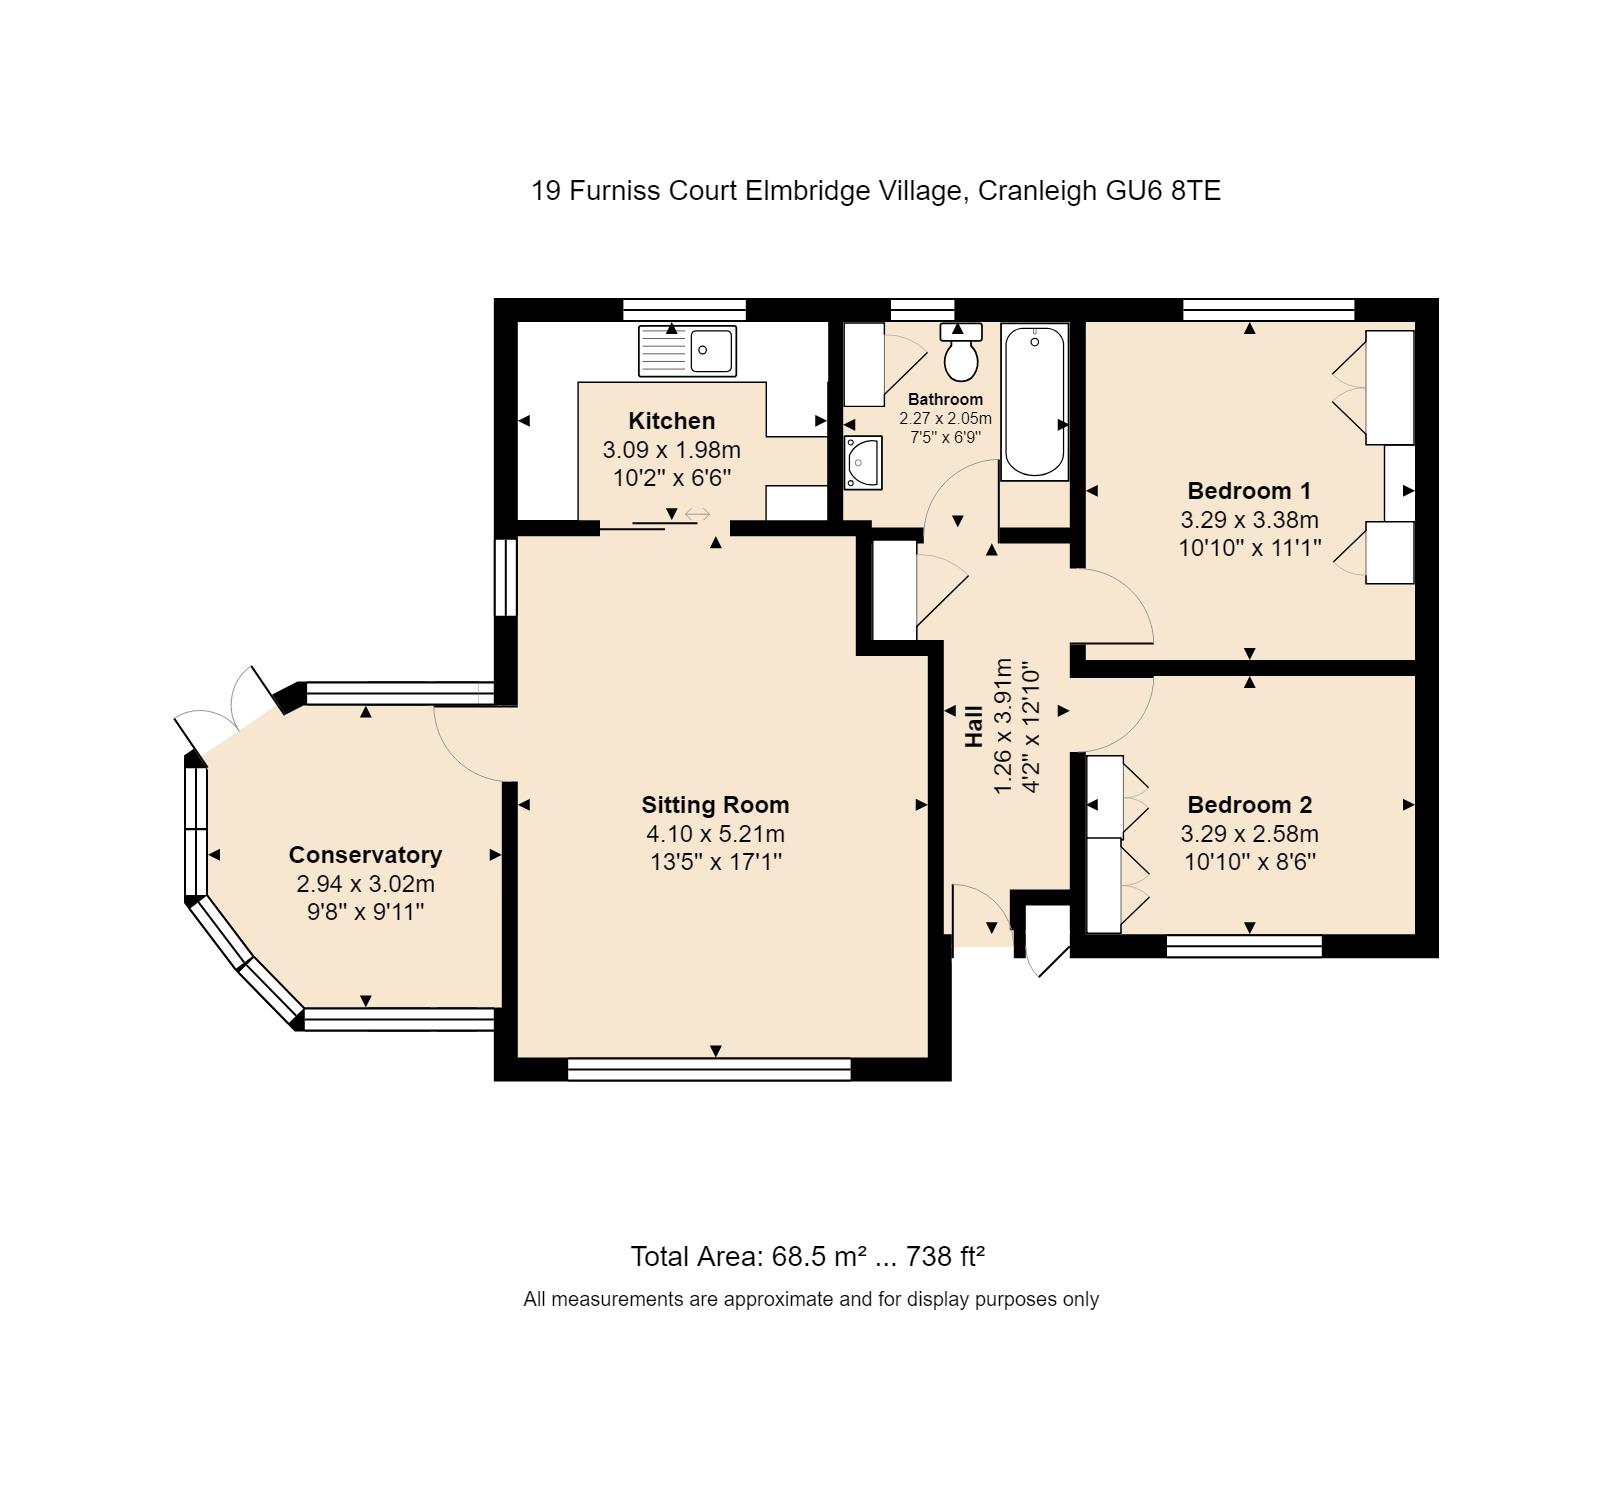 19 Furniss Court Floorplan